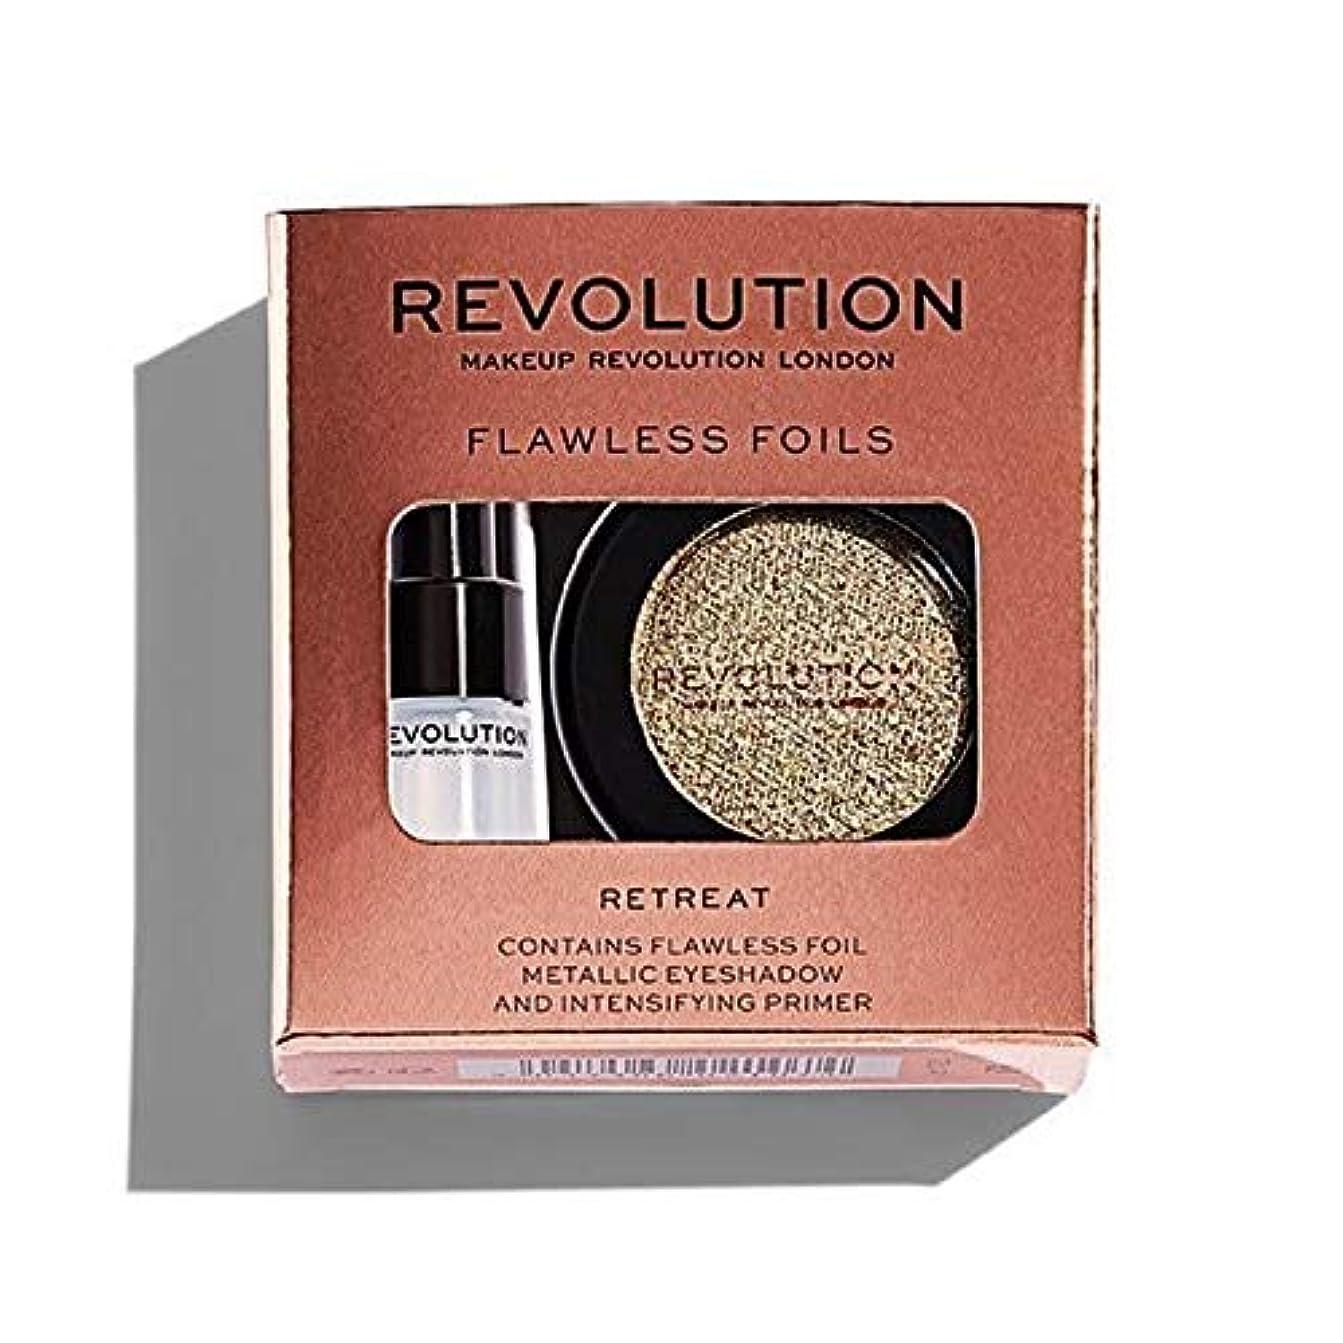 渦ロッカー耳[Revolution ] 革命完璧な箔の隠れ家 - Revolution Flawless Foils Retreat [並行輸入品]